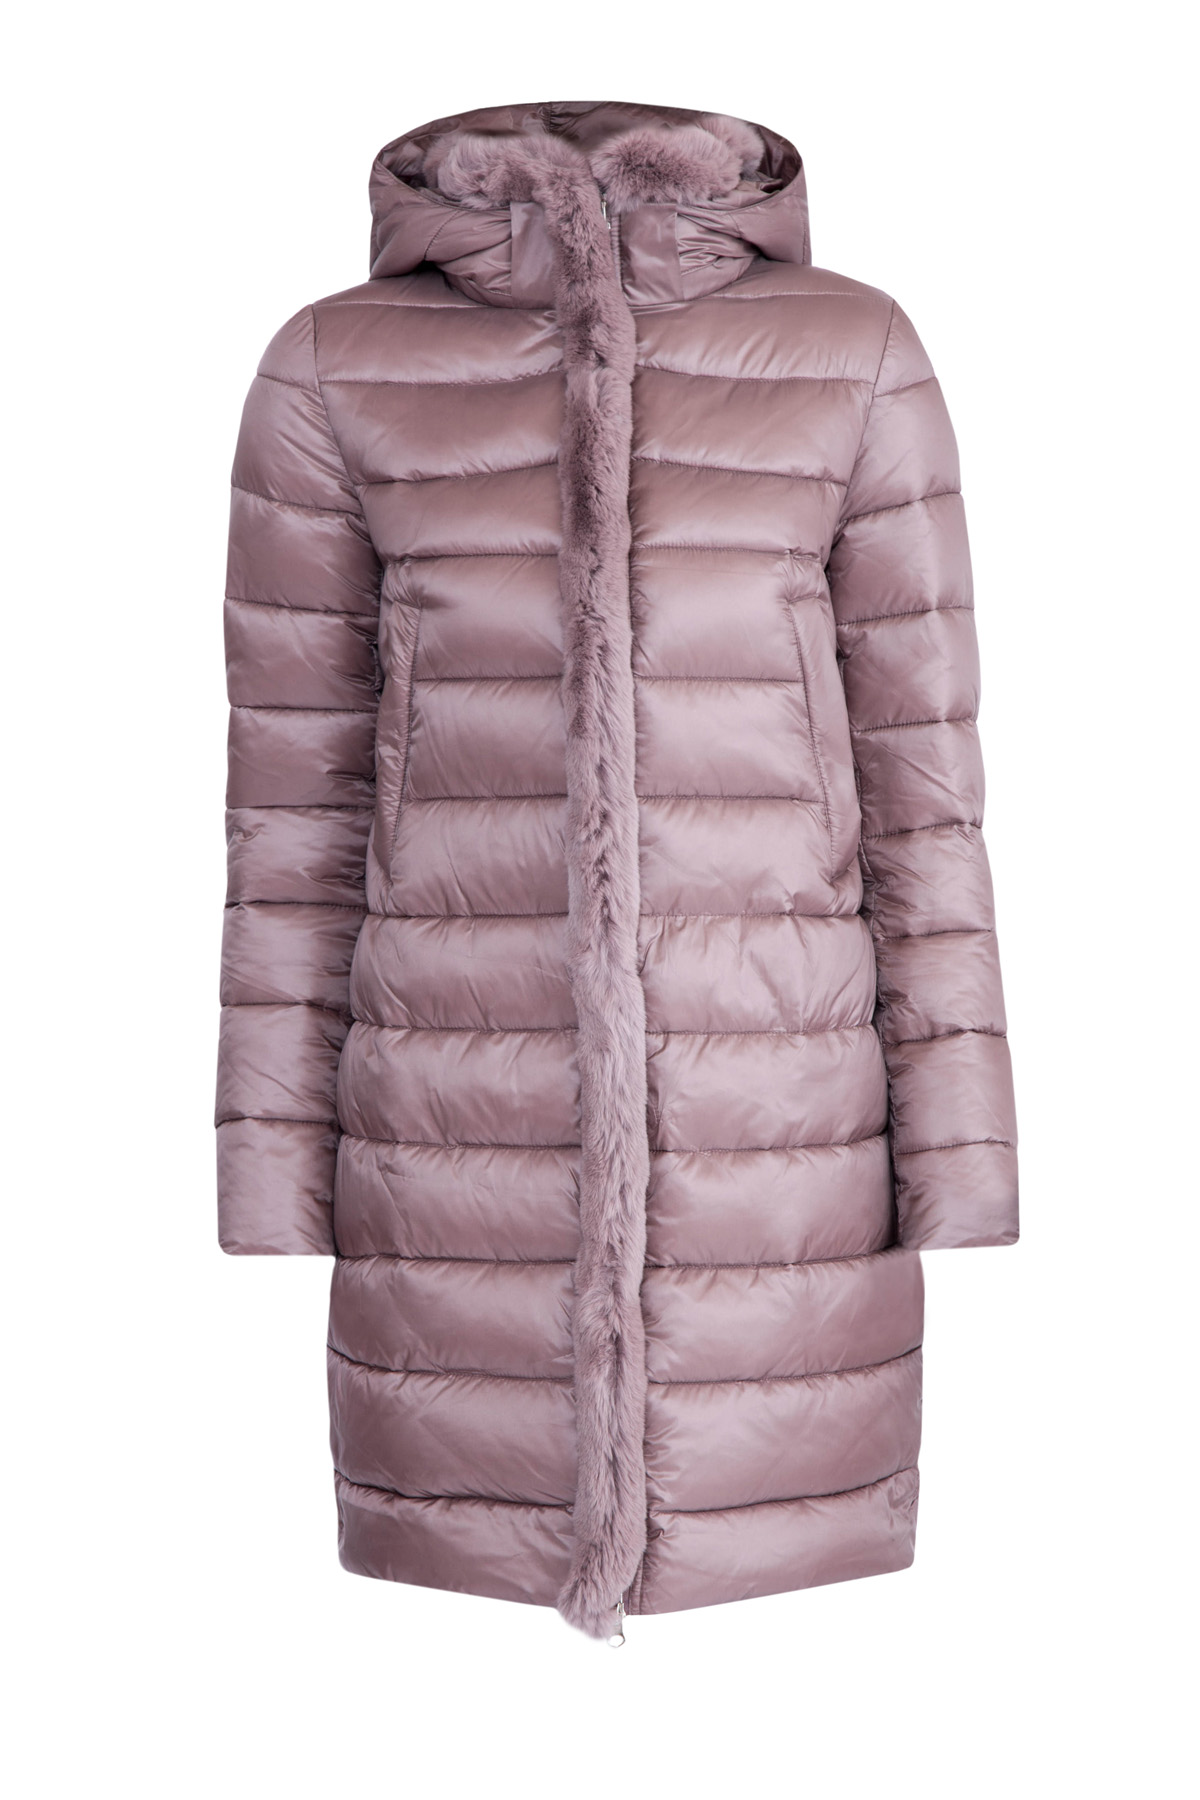 Купить Куртка, CUDGI, Италия, полиамид 100%, полиэстер 100%, мех кролика 100%